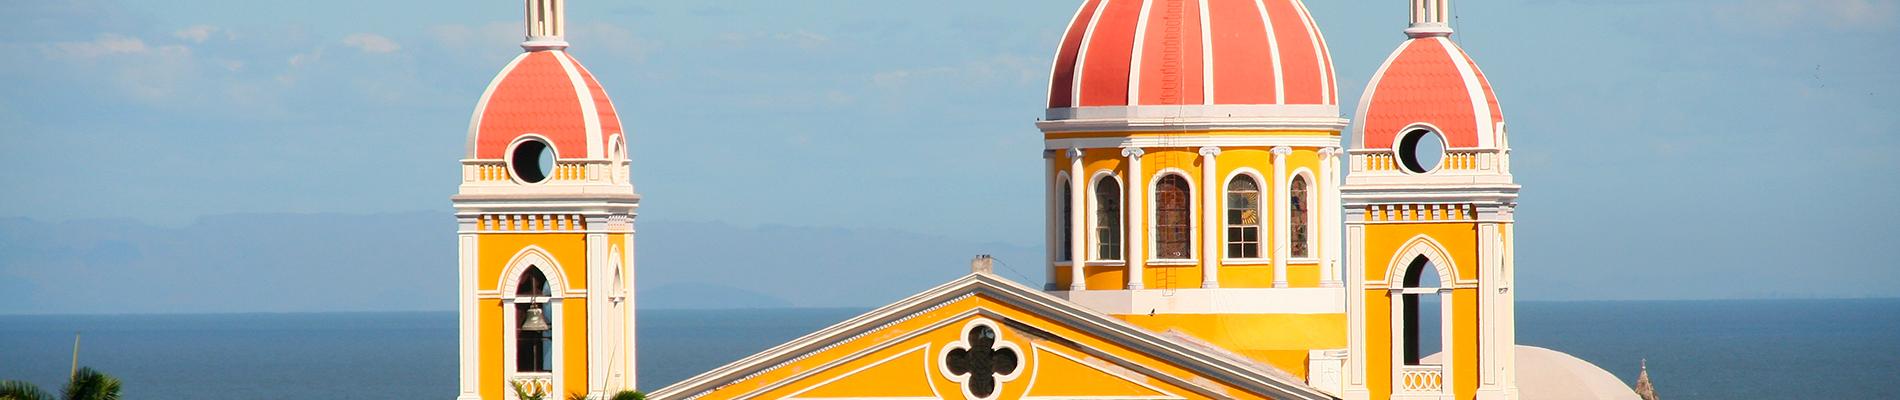 Voyage Nicaragua sur mesure